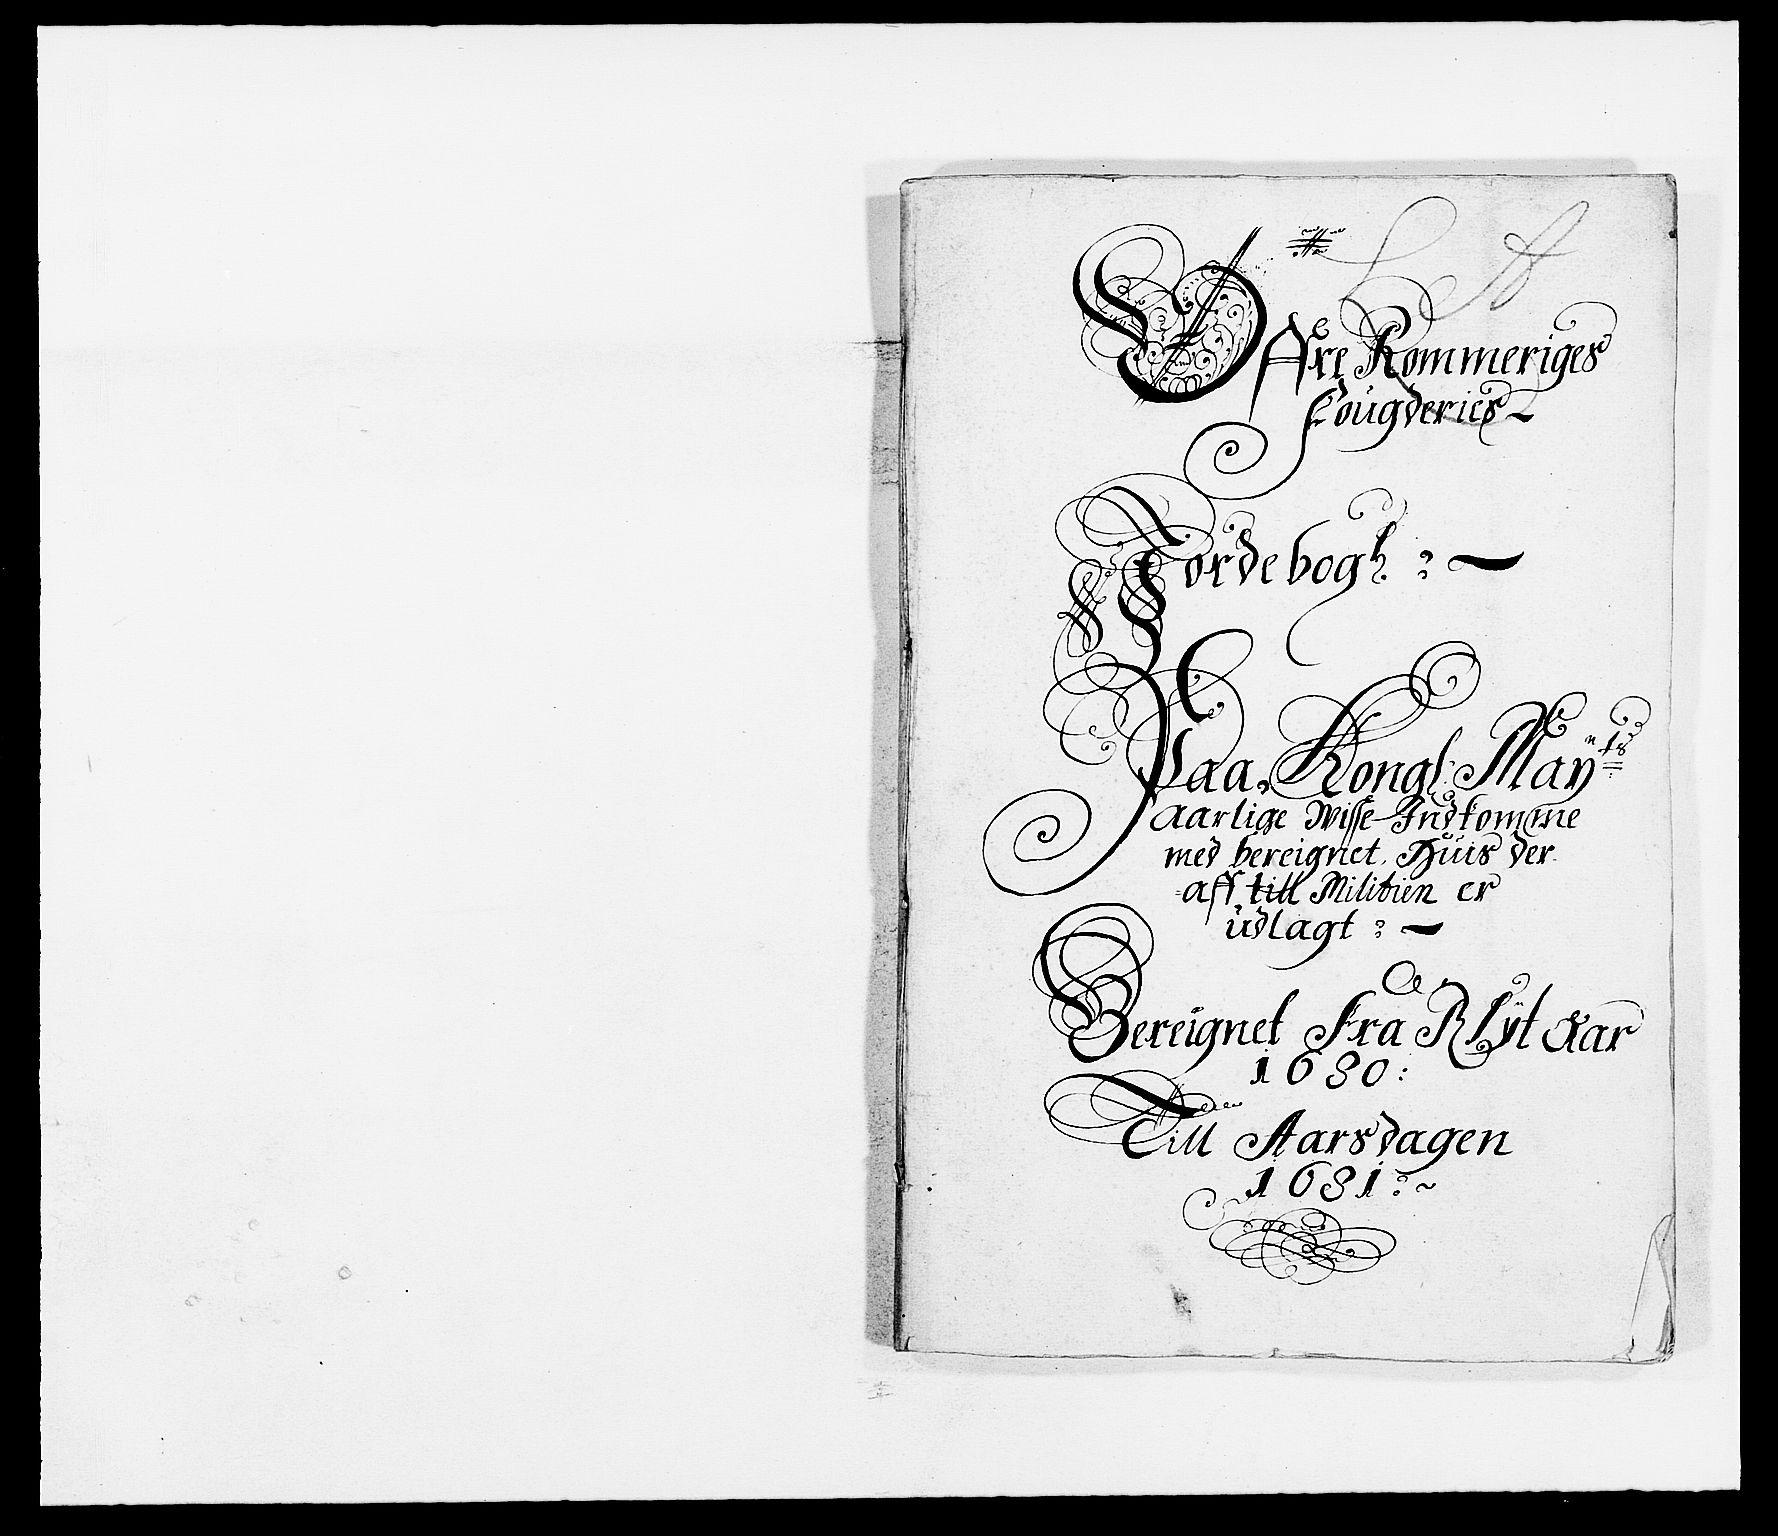 RA, Rentekammeret inntil 1814, Reviderte regnskaper, Fogderegnskap, R12/L0695: Fogderegnskap Øvre Romerike, 1680, s. 20